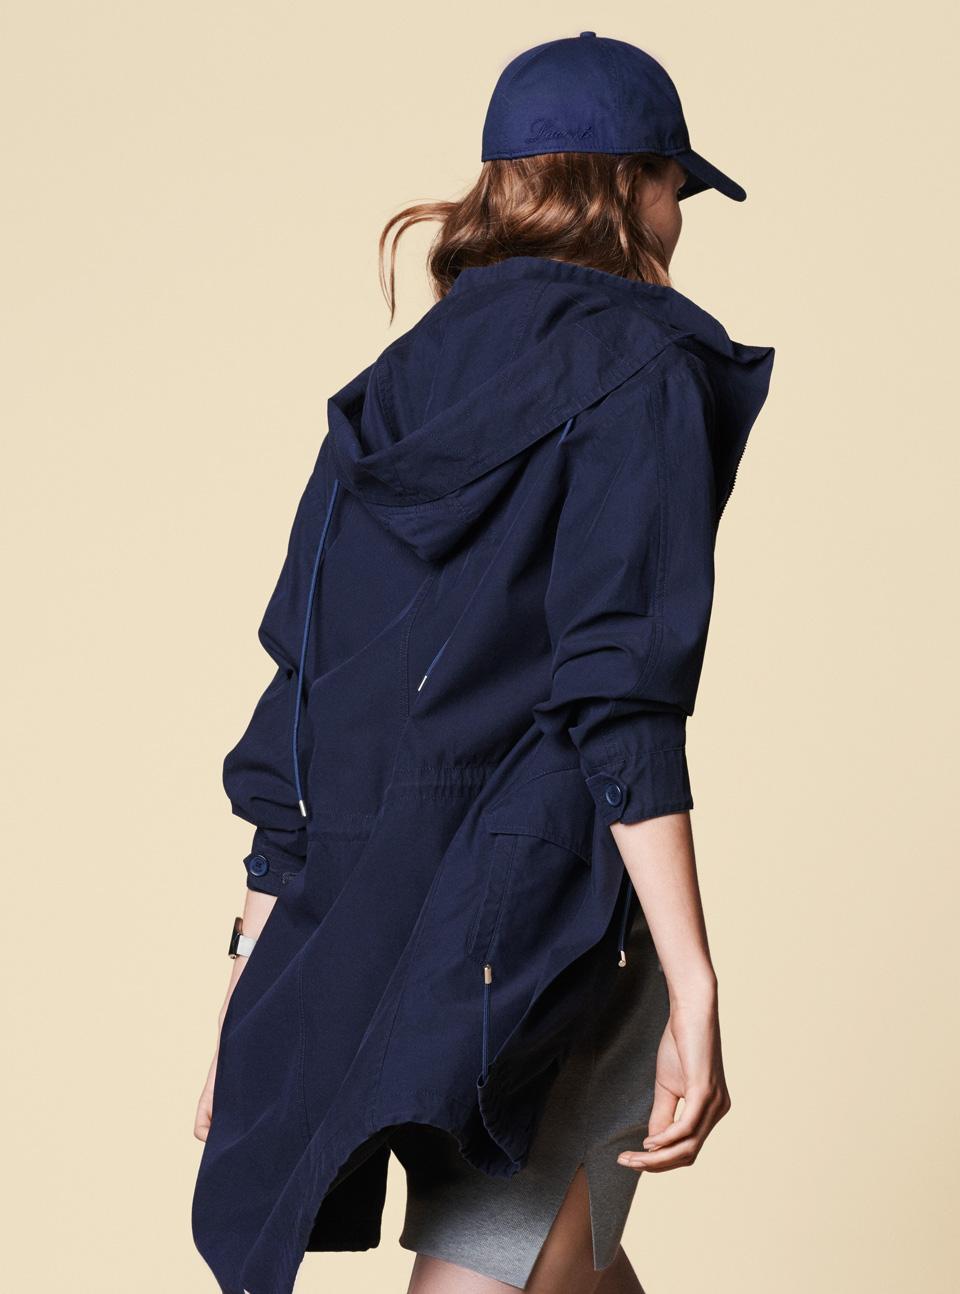 lacoste-ss15-womenswear-15_coleccion